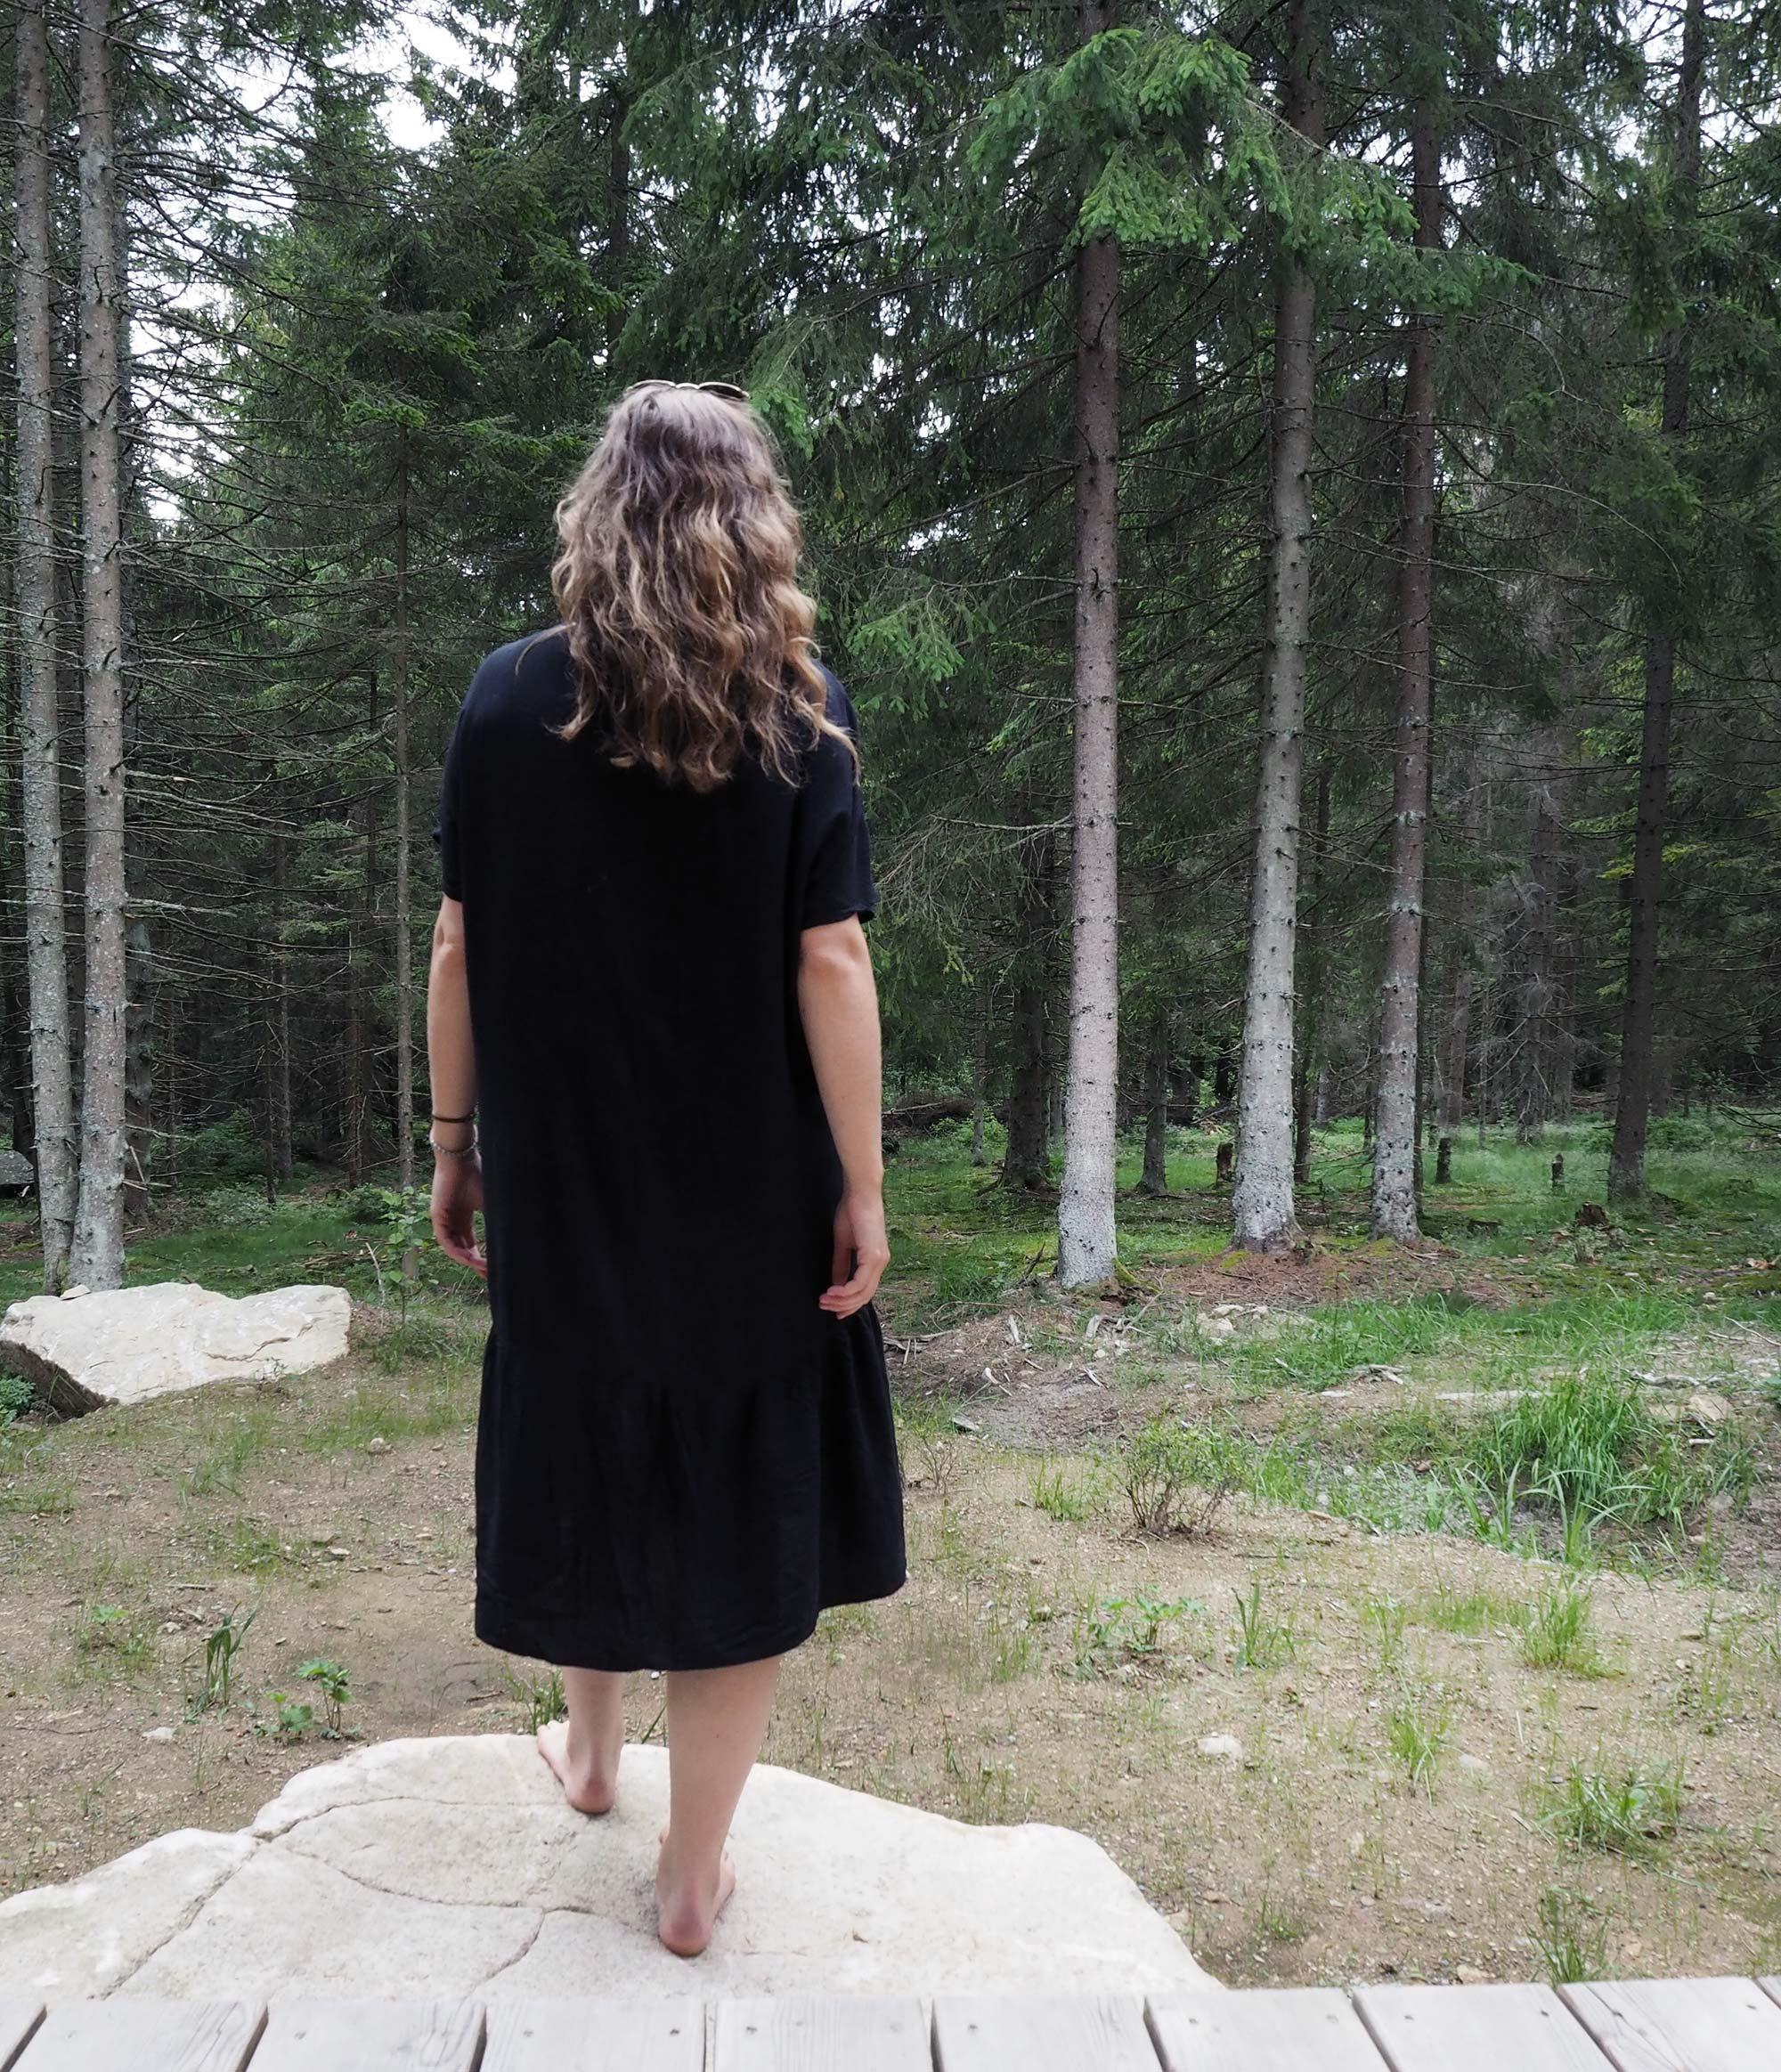 Von den Hütten genießt man einen wunderbaren Blick in den Wald